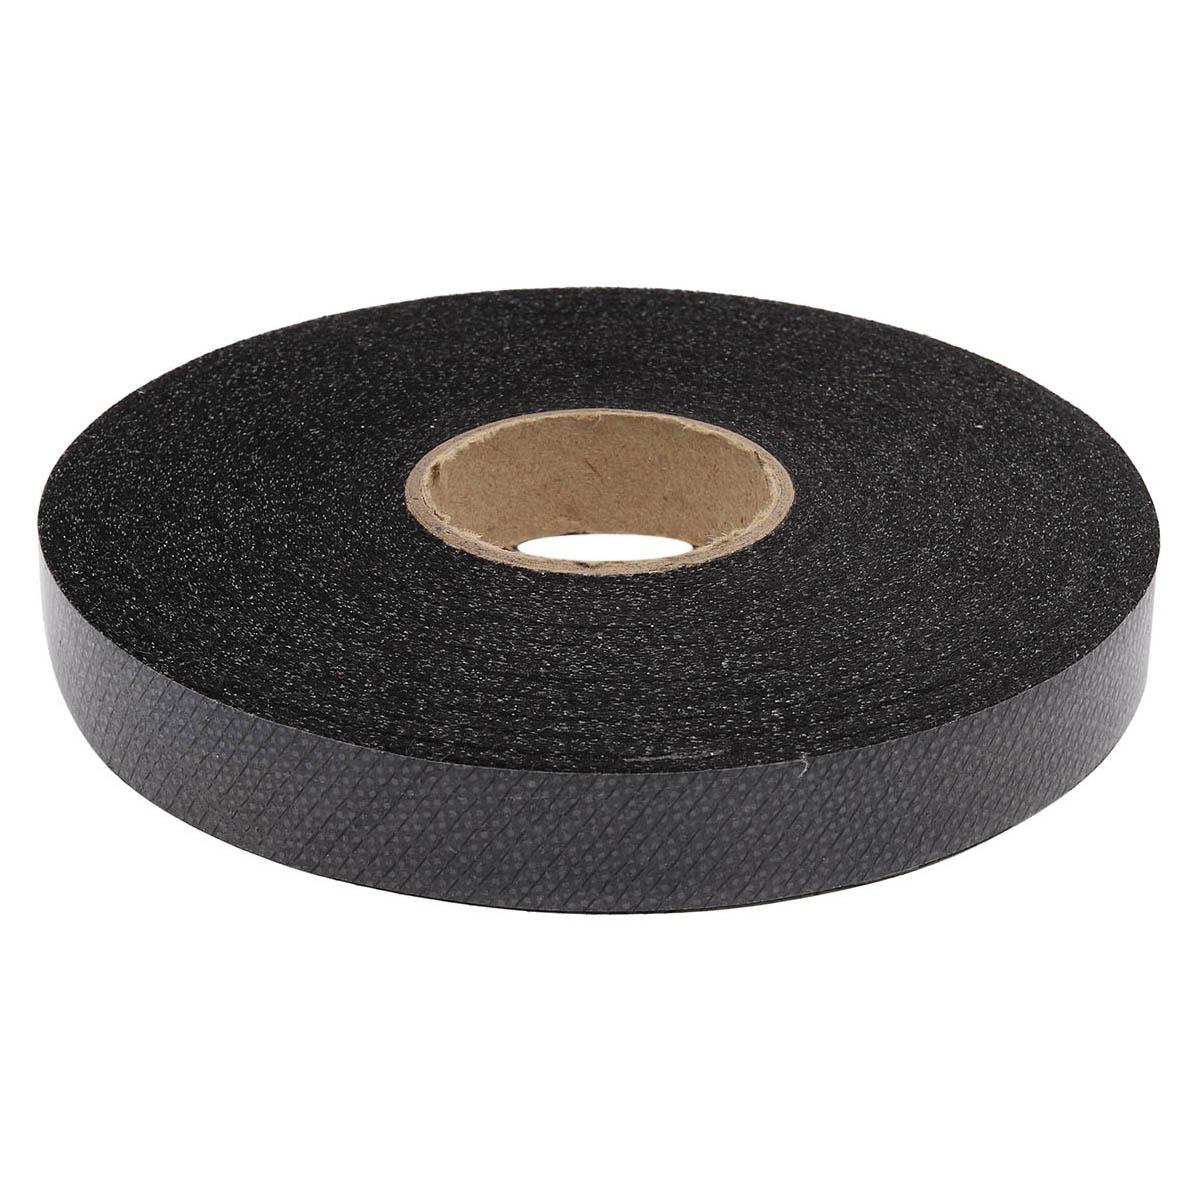 Бейка косая нитепрошивная 15 мм флизелин/черный